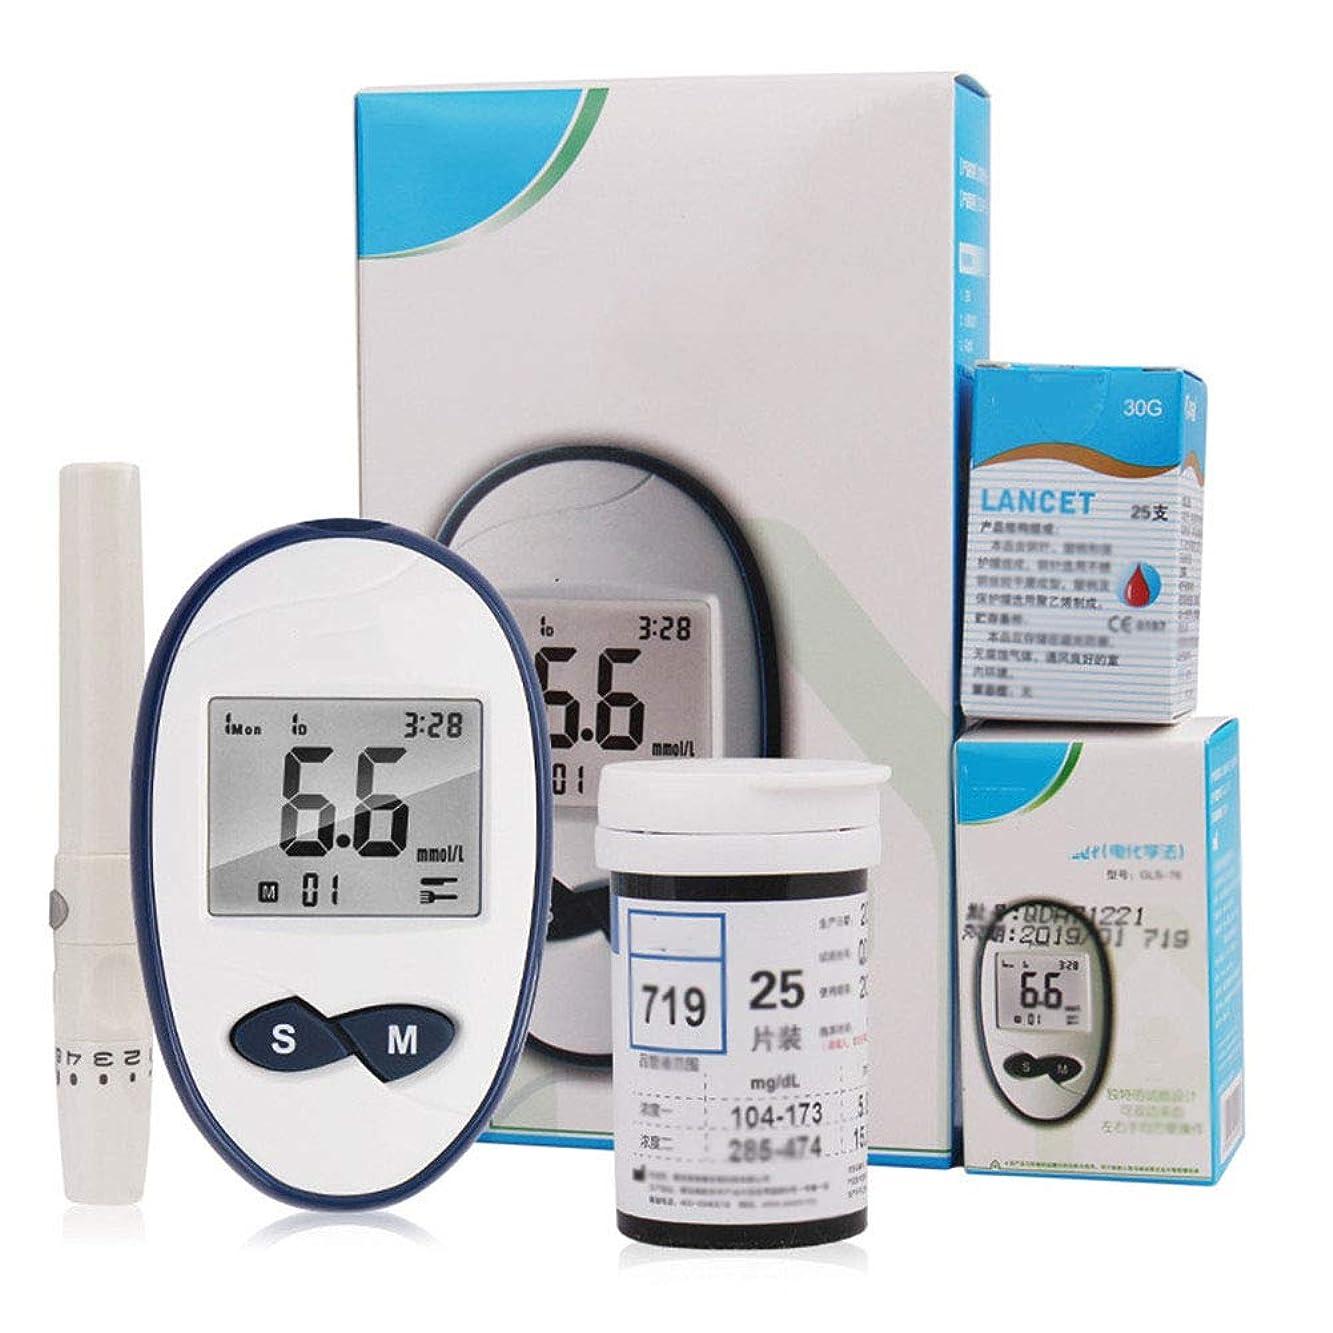 伝染性のお尻揺れる血糖テストキット糖尿病モニタリングキット8秒モニタリング平均計算高低警告50テストストリップと測定針